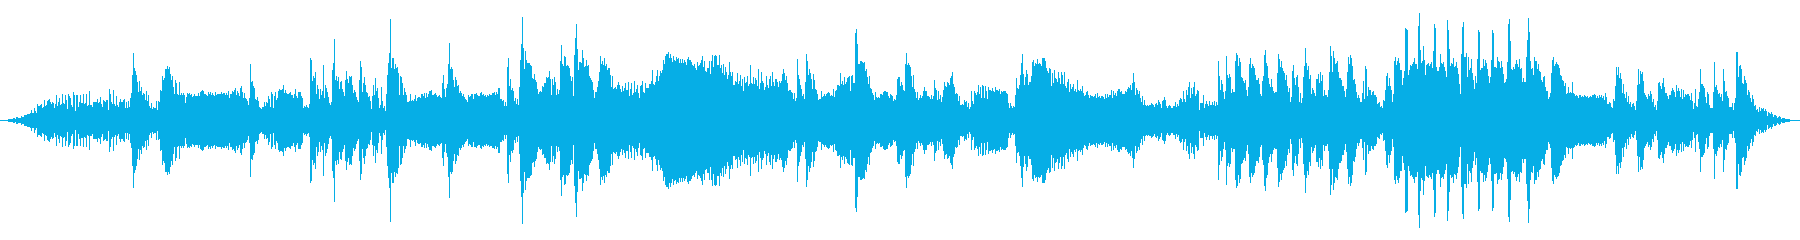 アプリリア1000 Ccモーターサ...の再生済みの波形